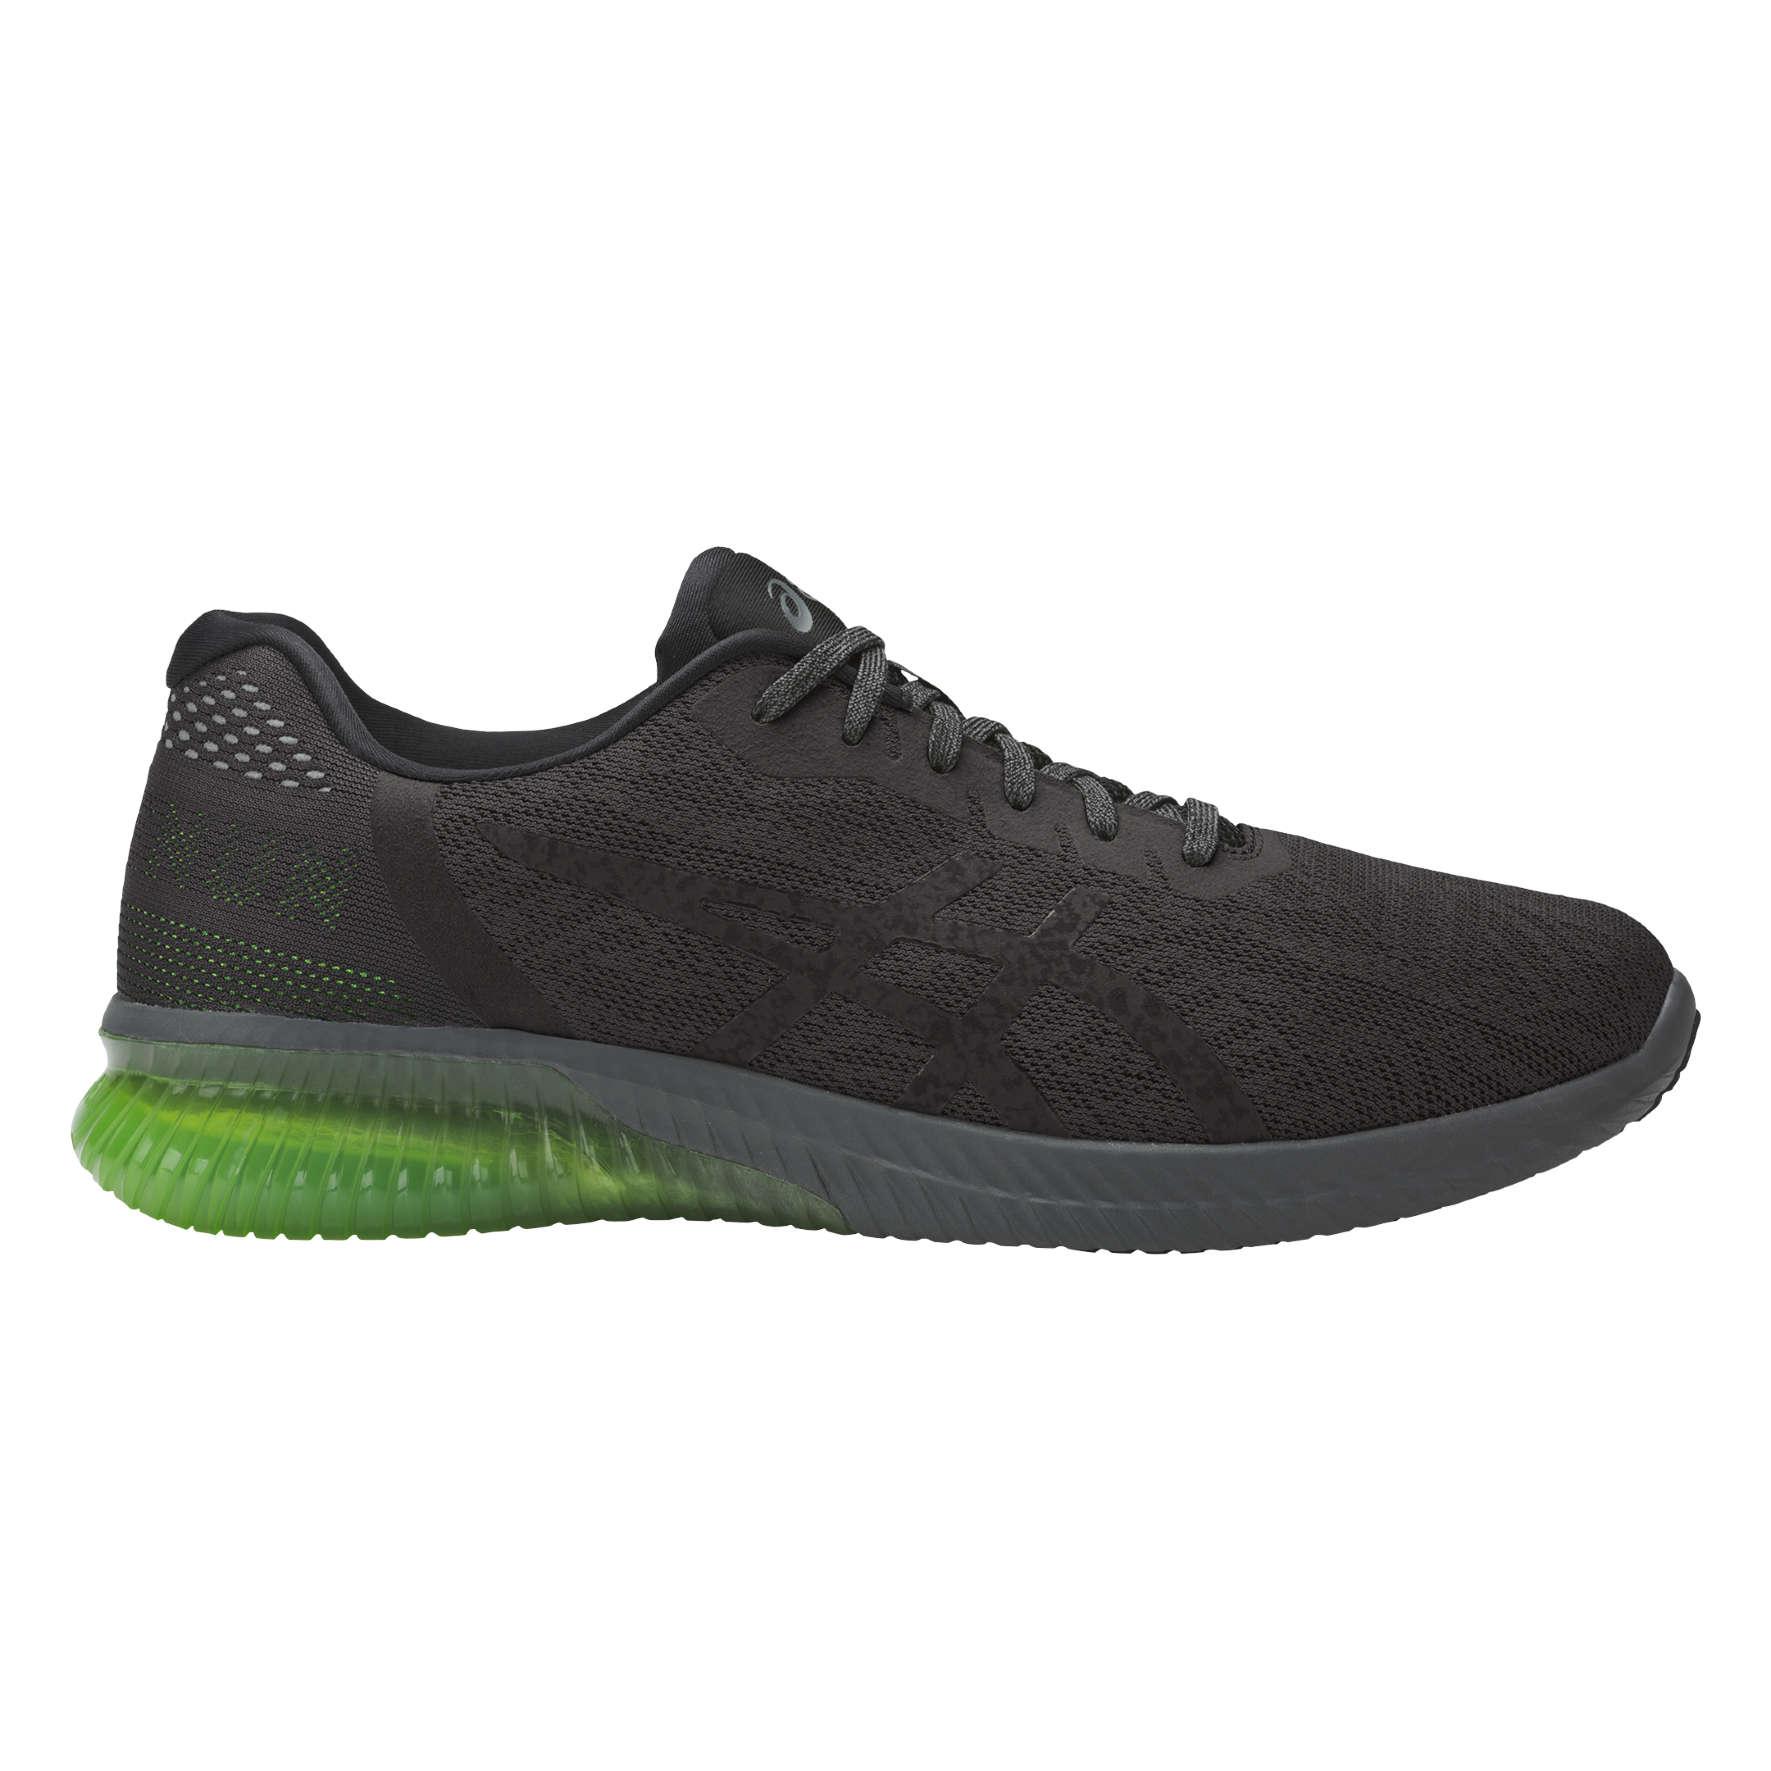 asics zwart groen